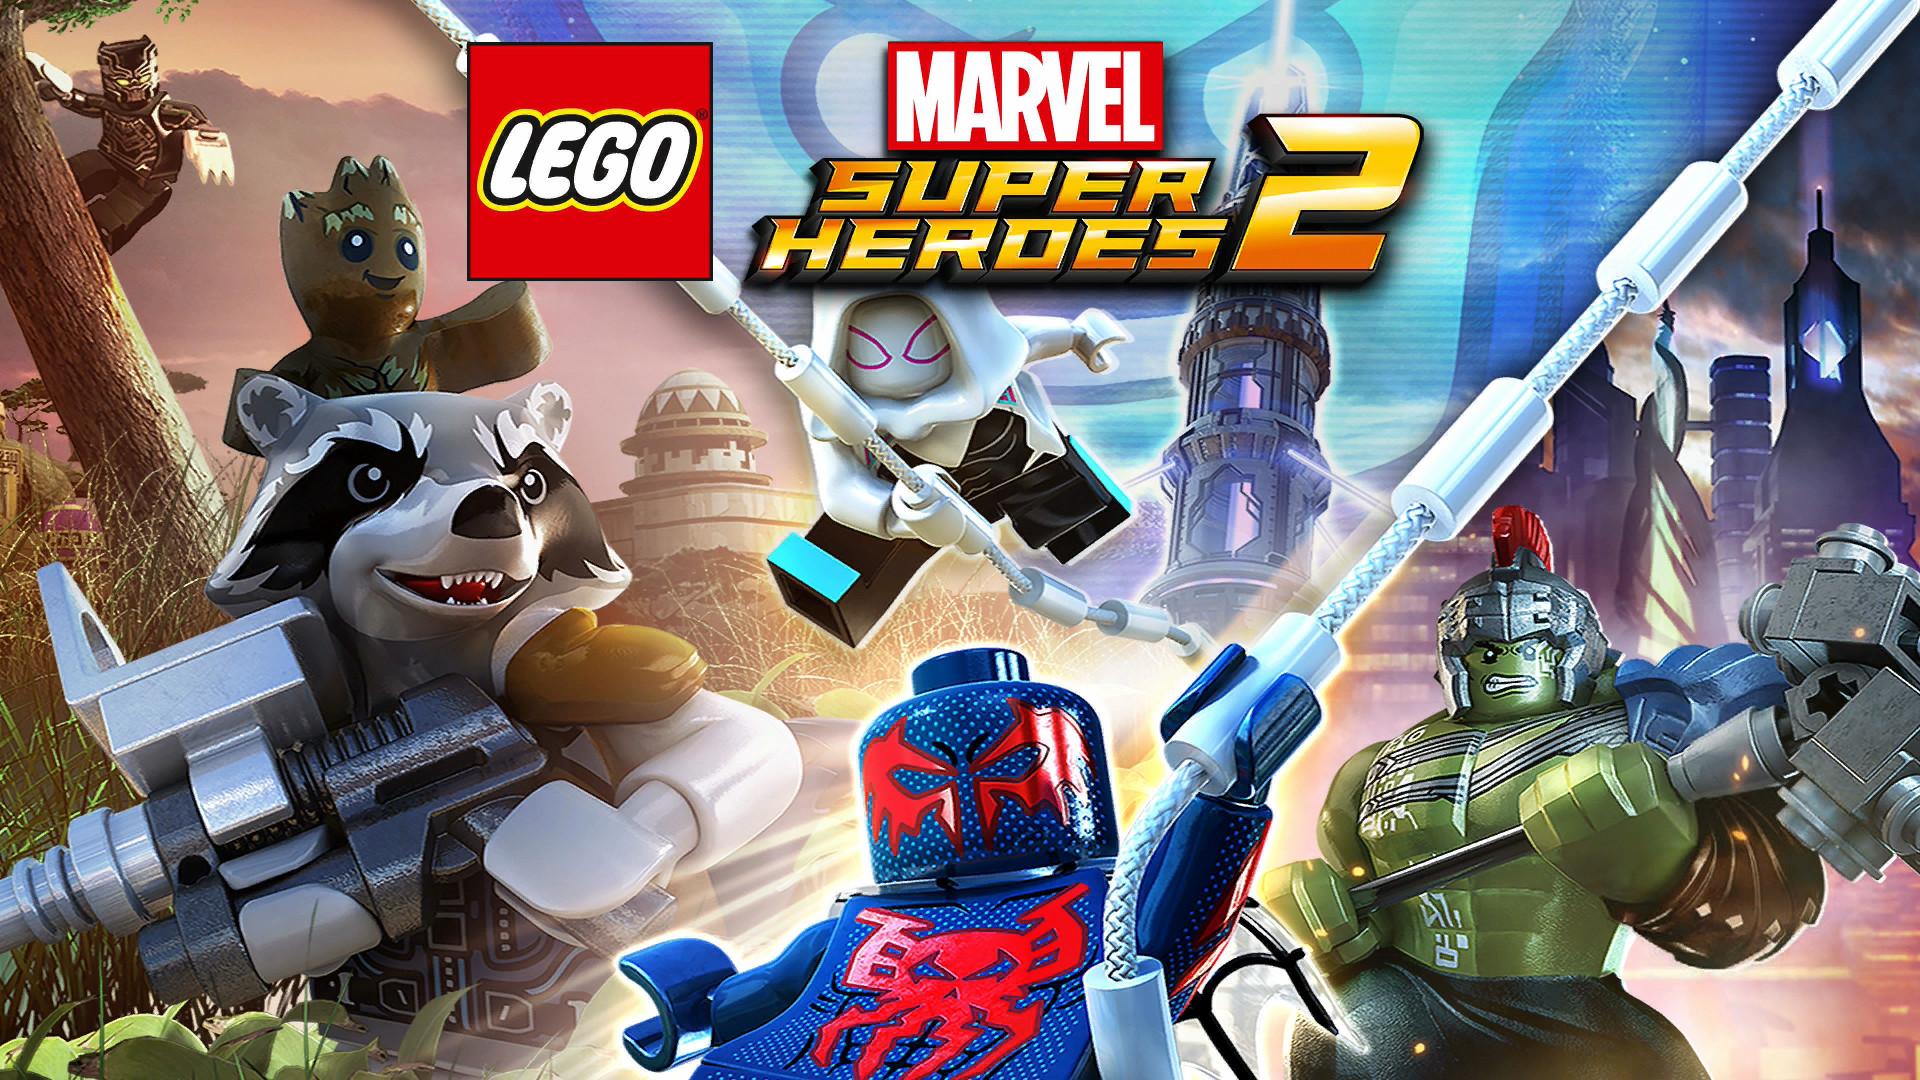 Res: 1920x1080, LEGO Marvel Super Heroes HD Wallpaper 7 - 1920 X 1080